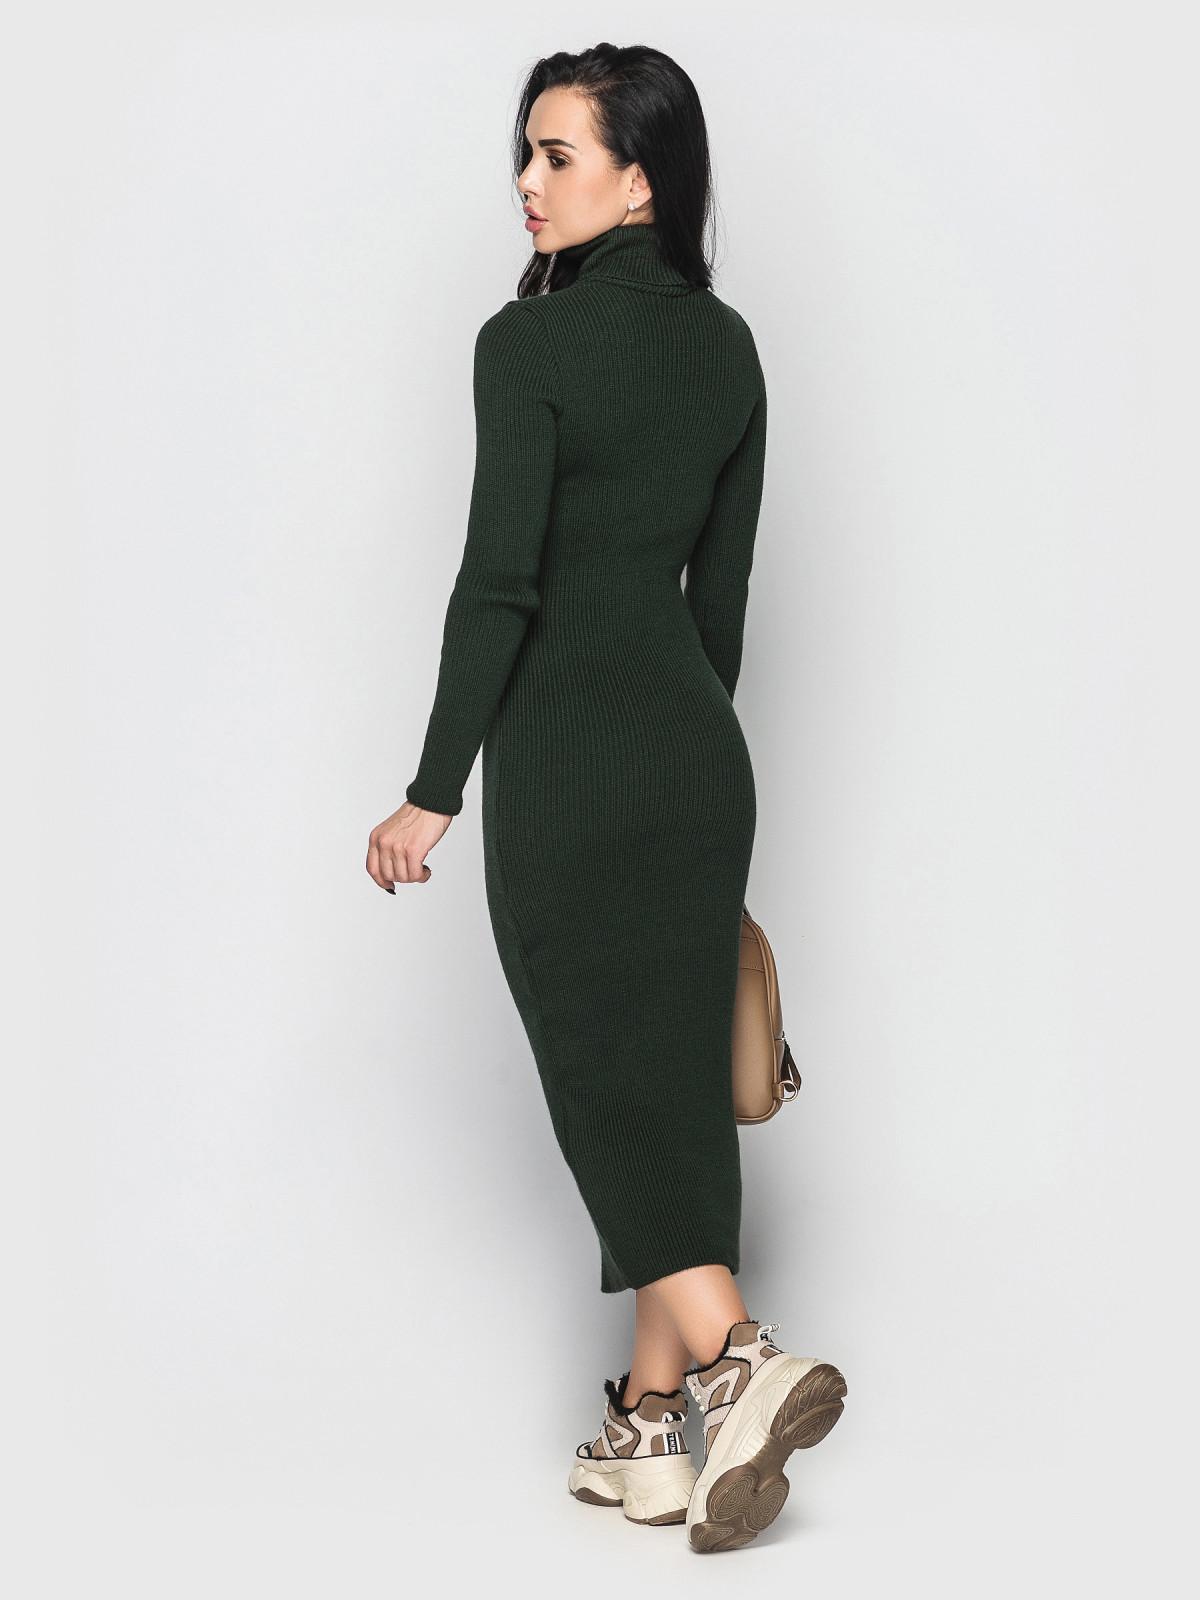 Платье вязаное Simona бутылка